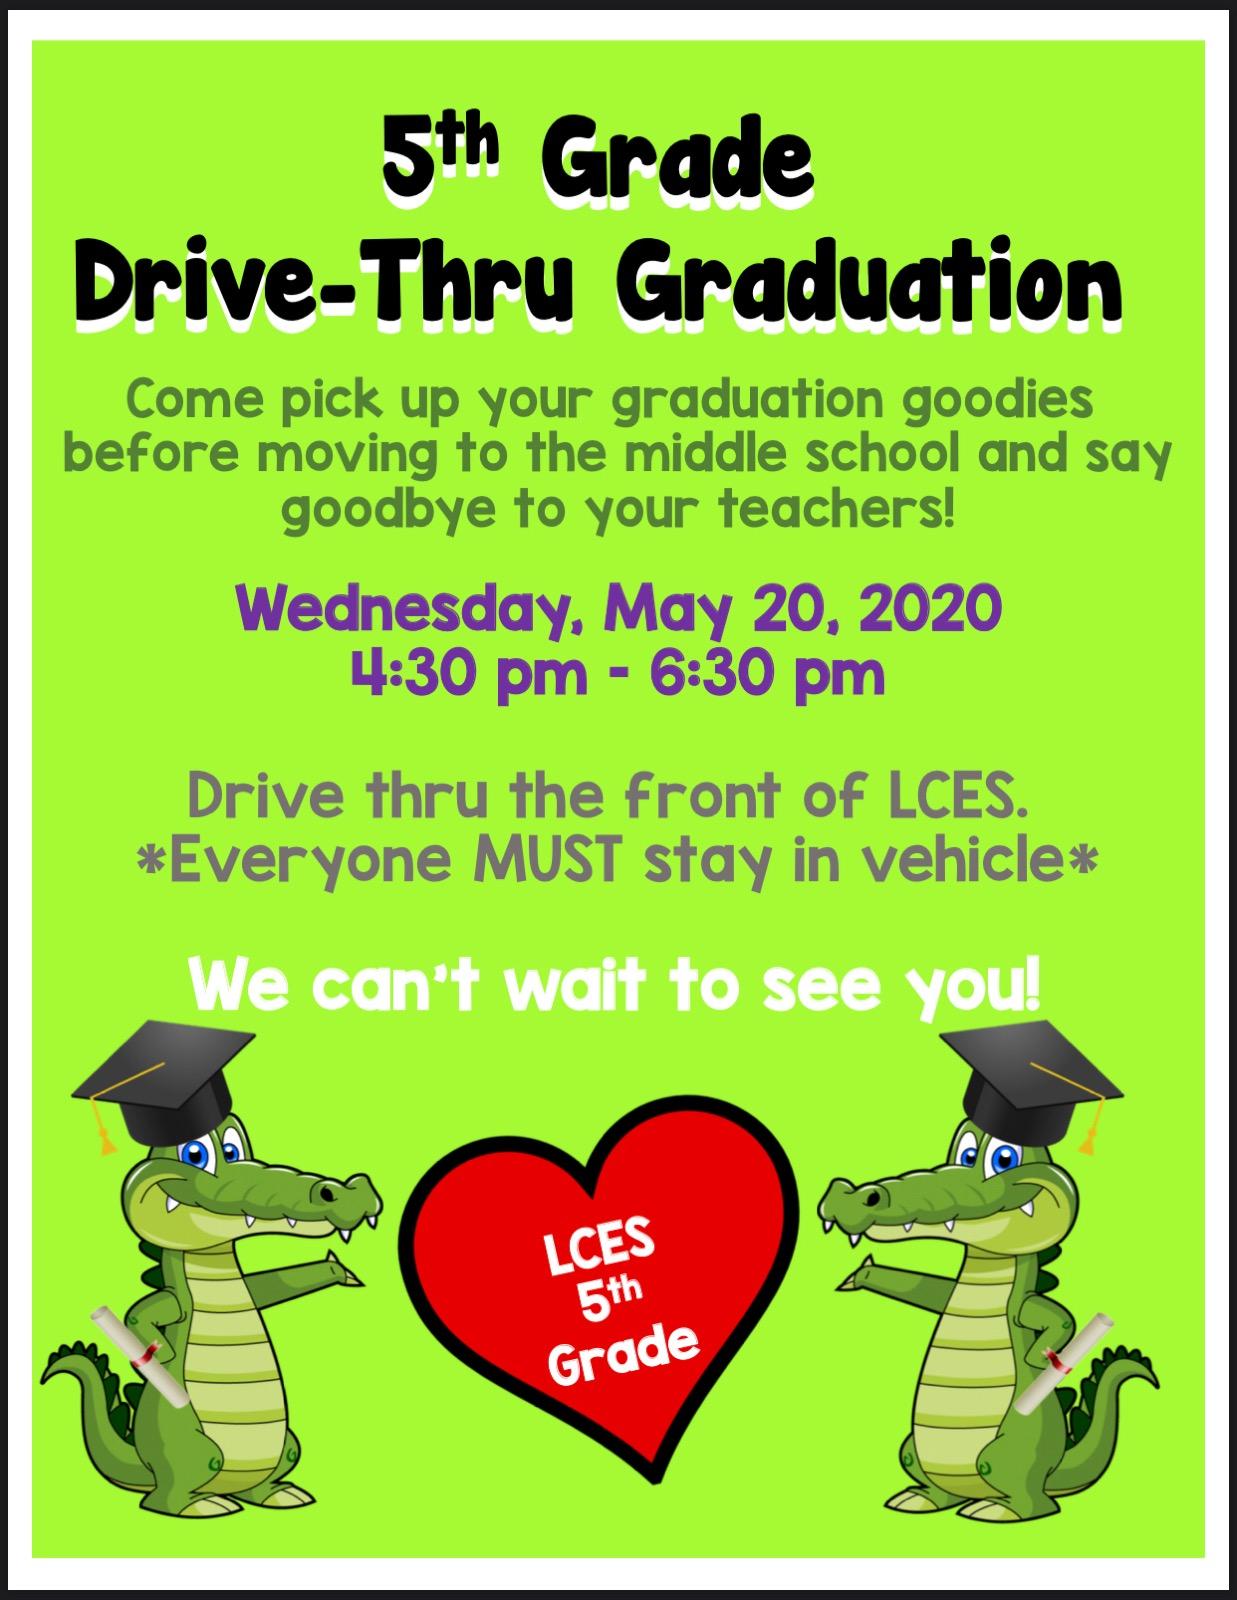 5th grade graduation flyer